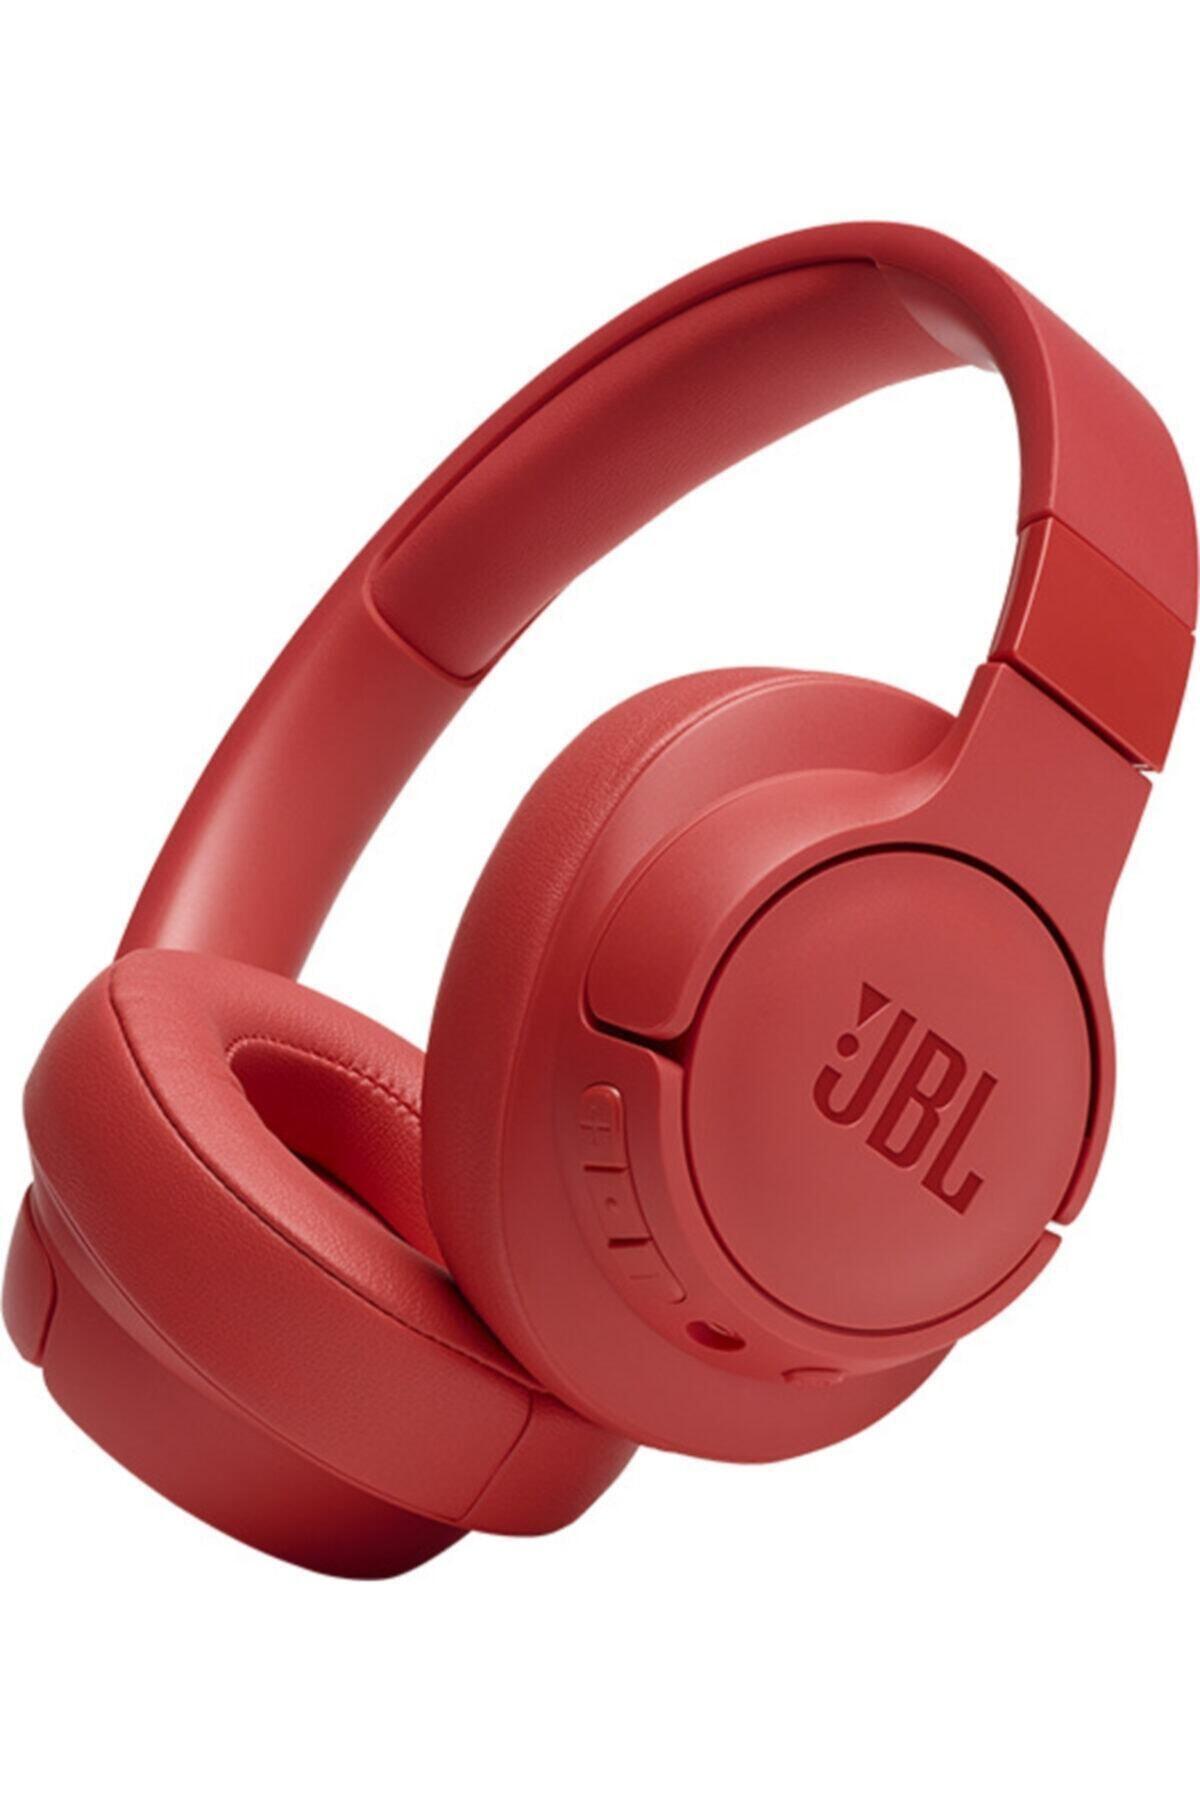 T700BT Kulaküstü Bluetooth Kulaklık - Coral